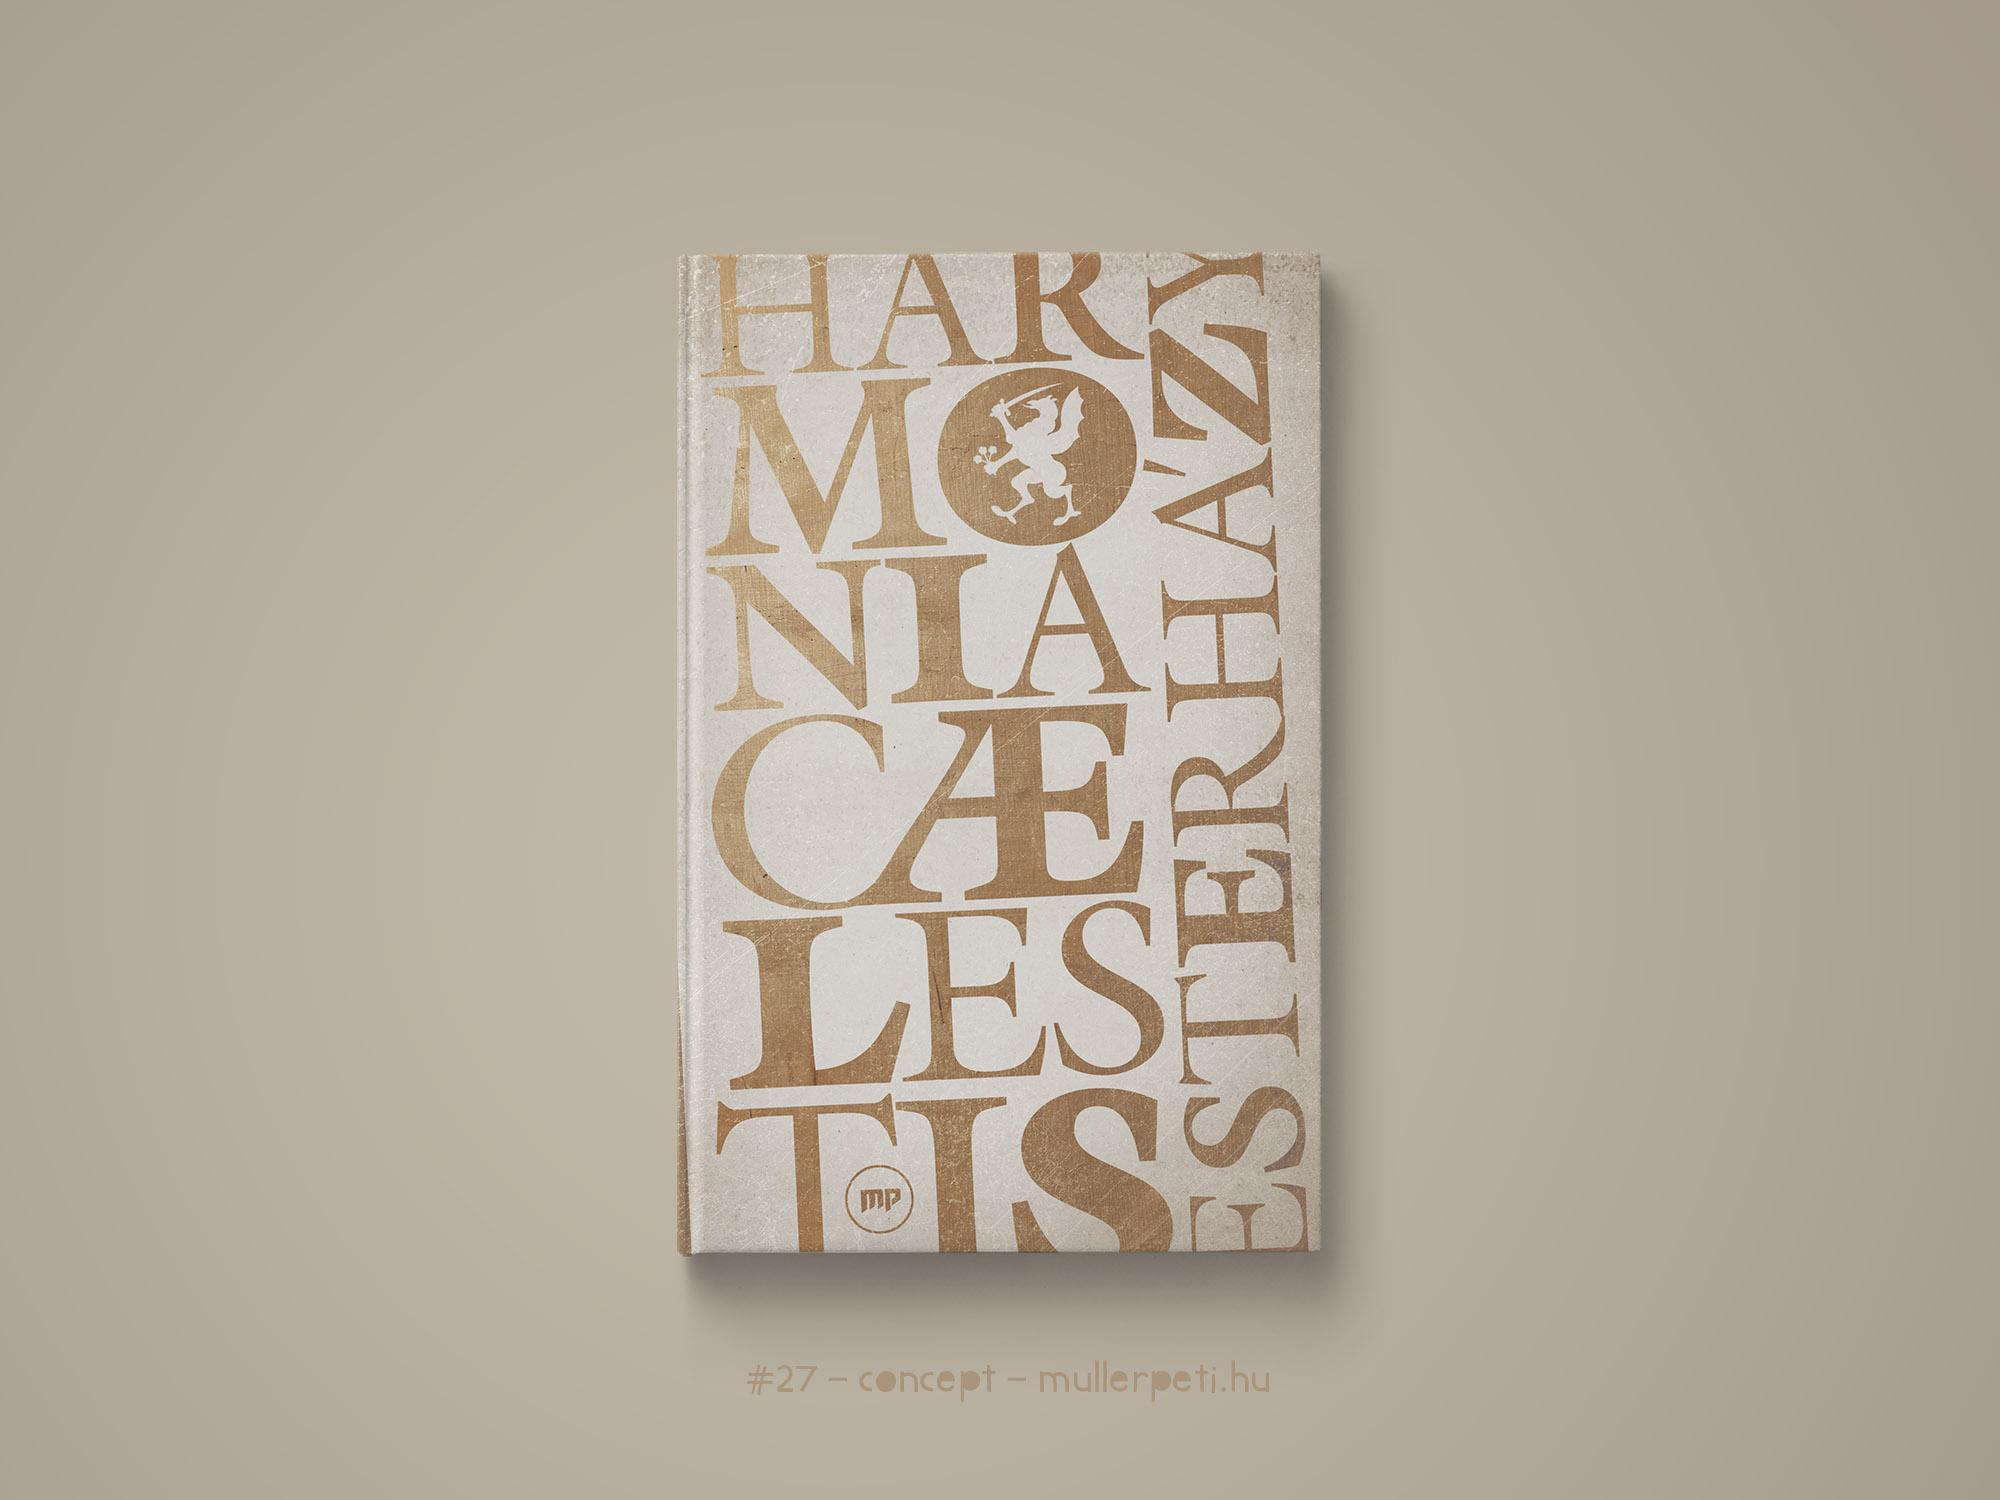 Harmonia cælestis könyvborító